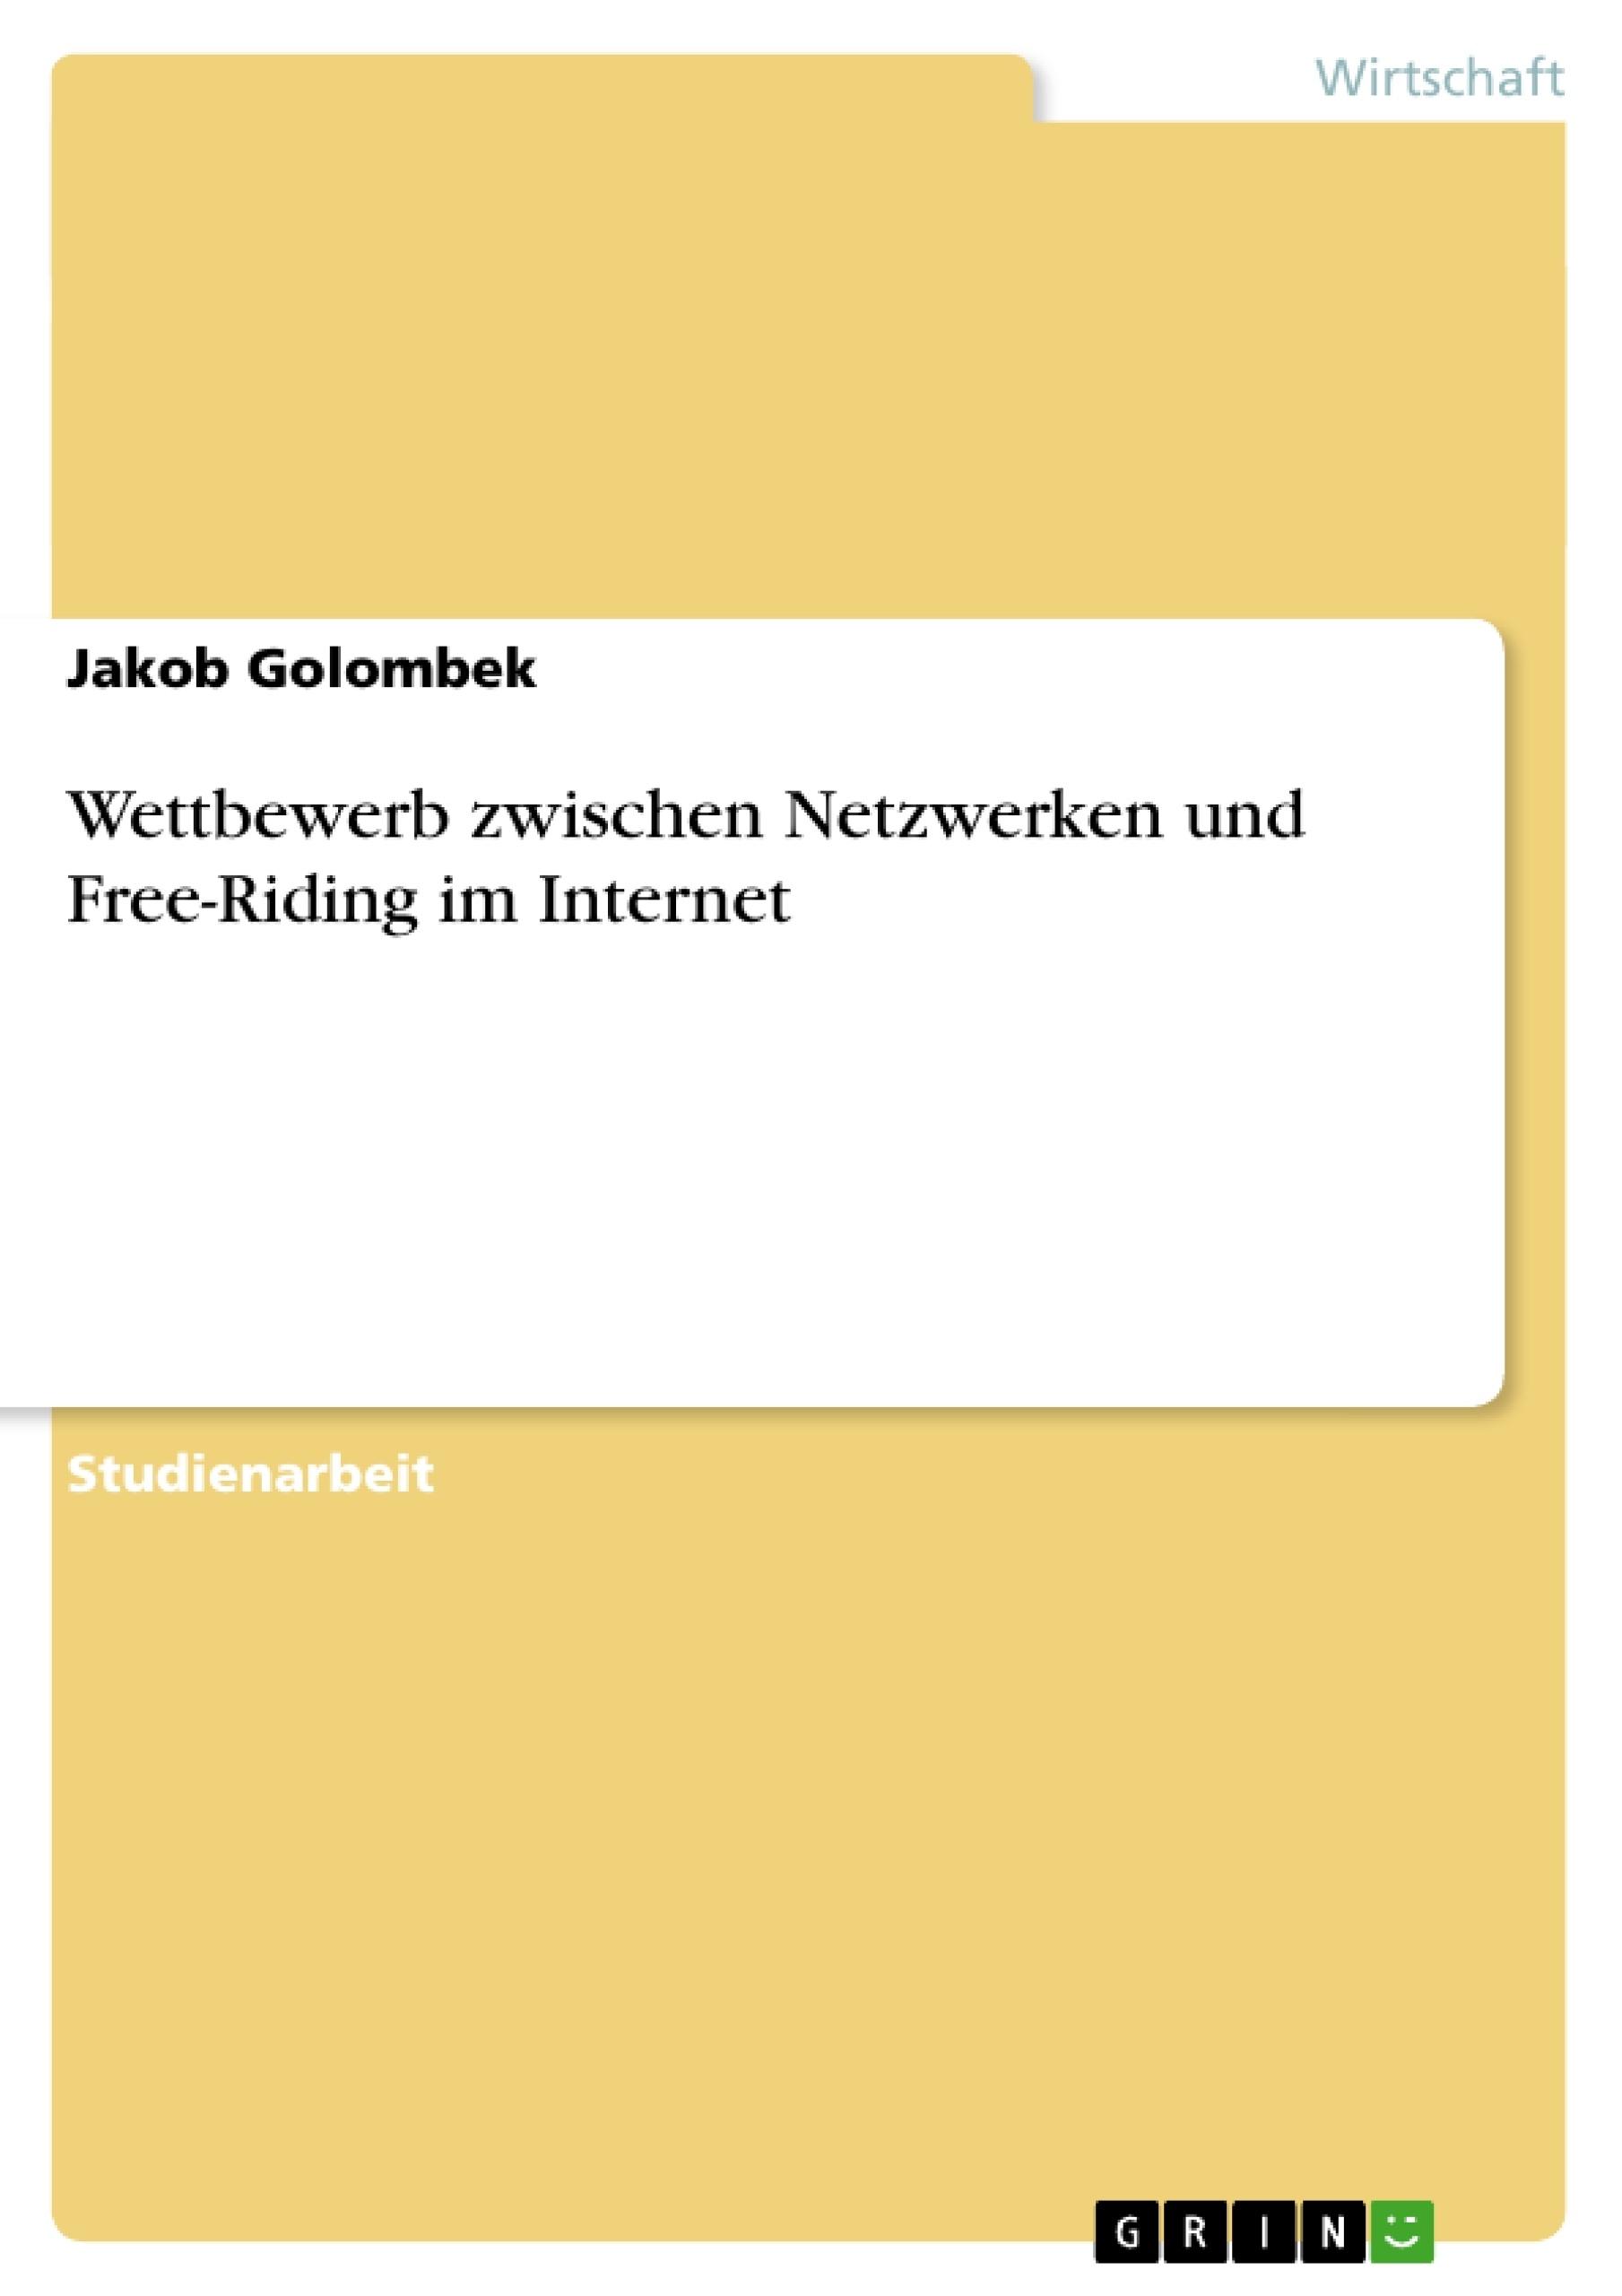 Titel: Wettbewerb zwischen Netzwerken und Free-Riding im Internet